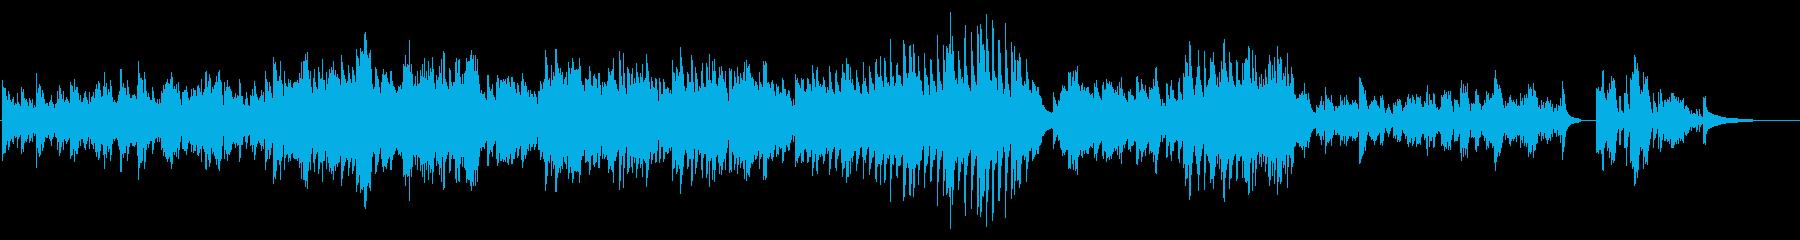 静けさと強い願いの対を表現したピアノ曲の再生済みの波形